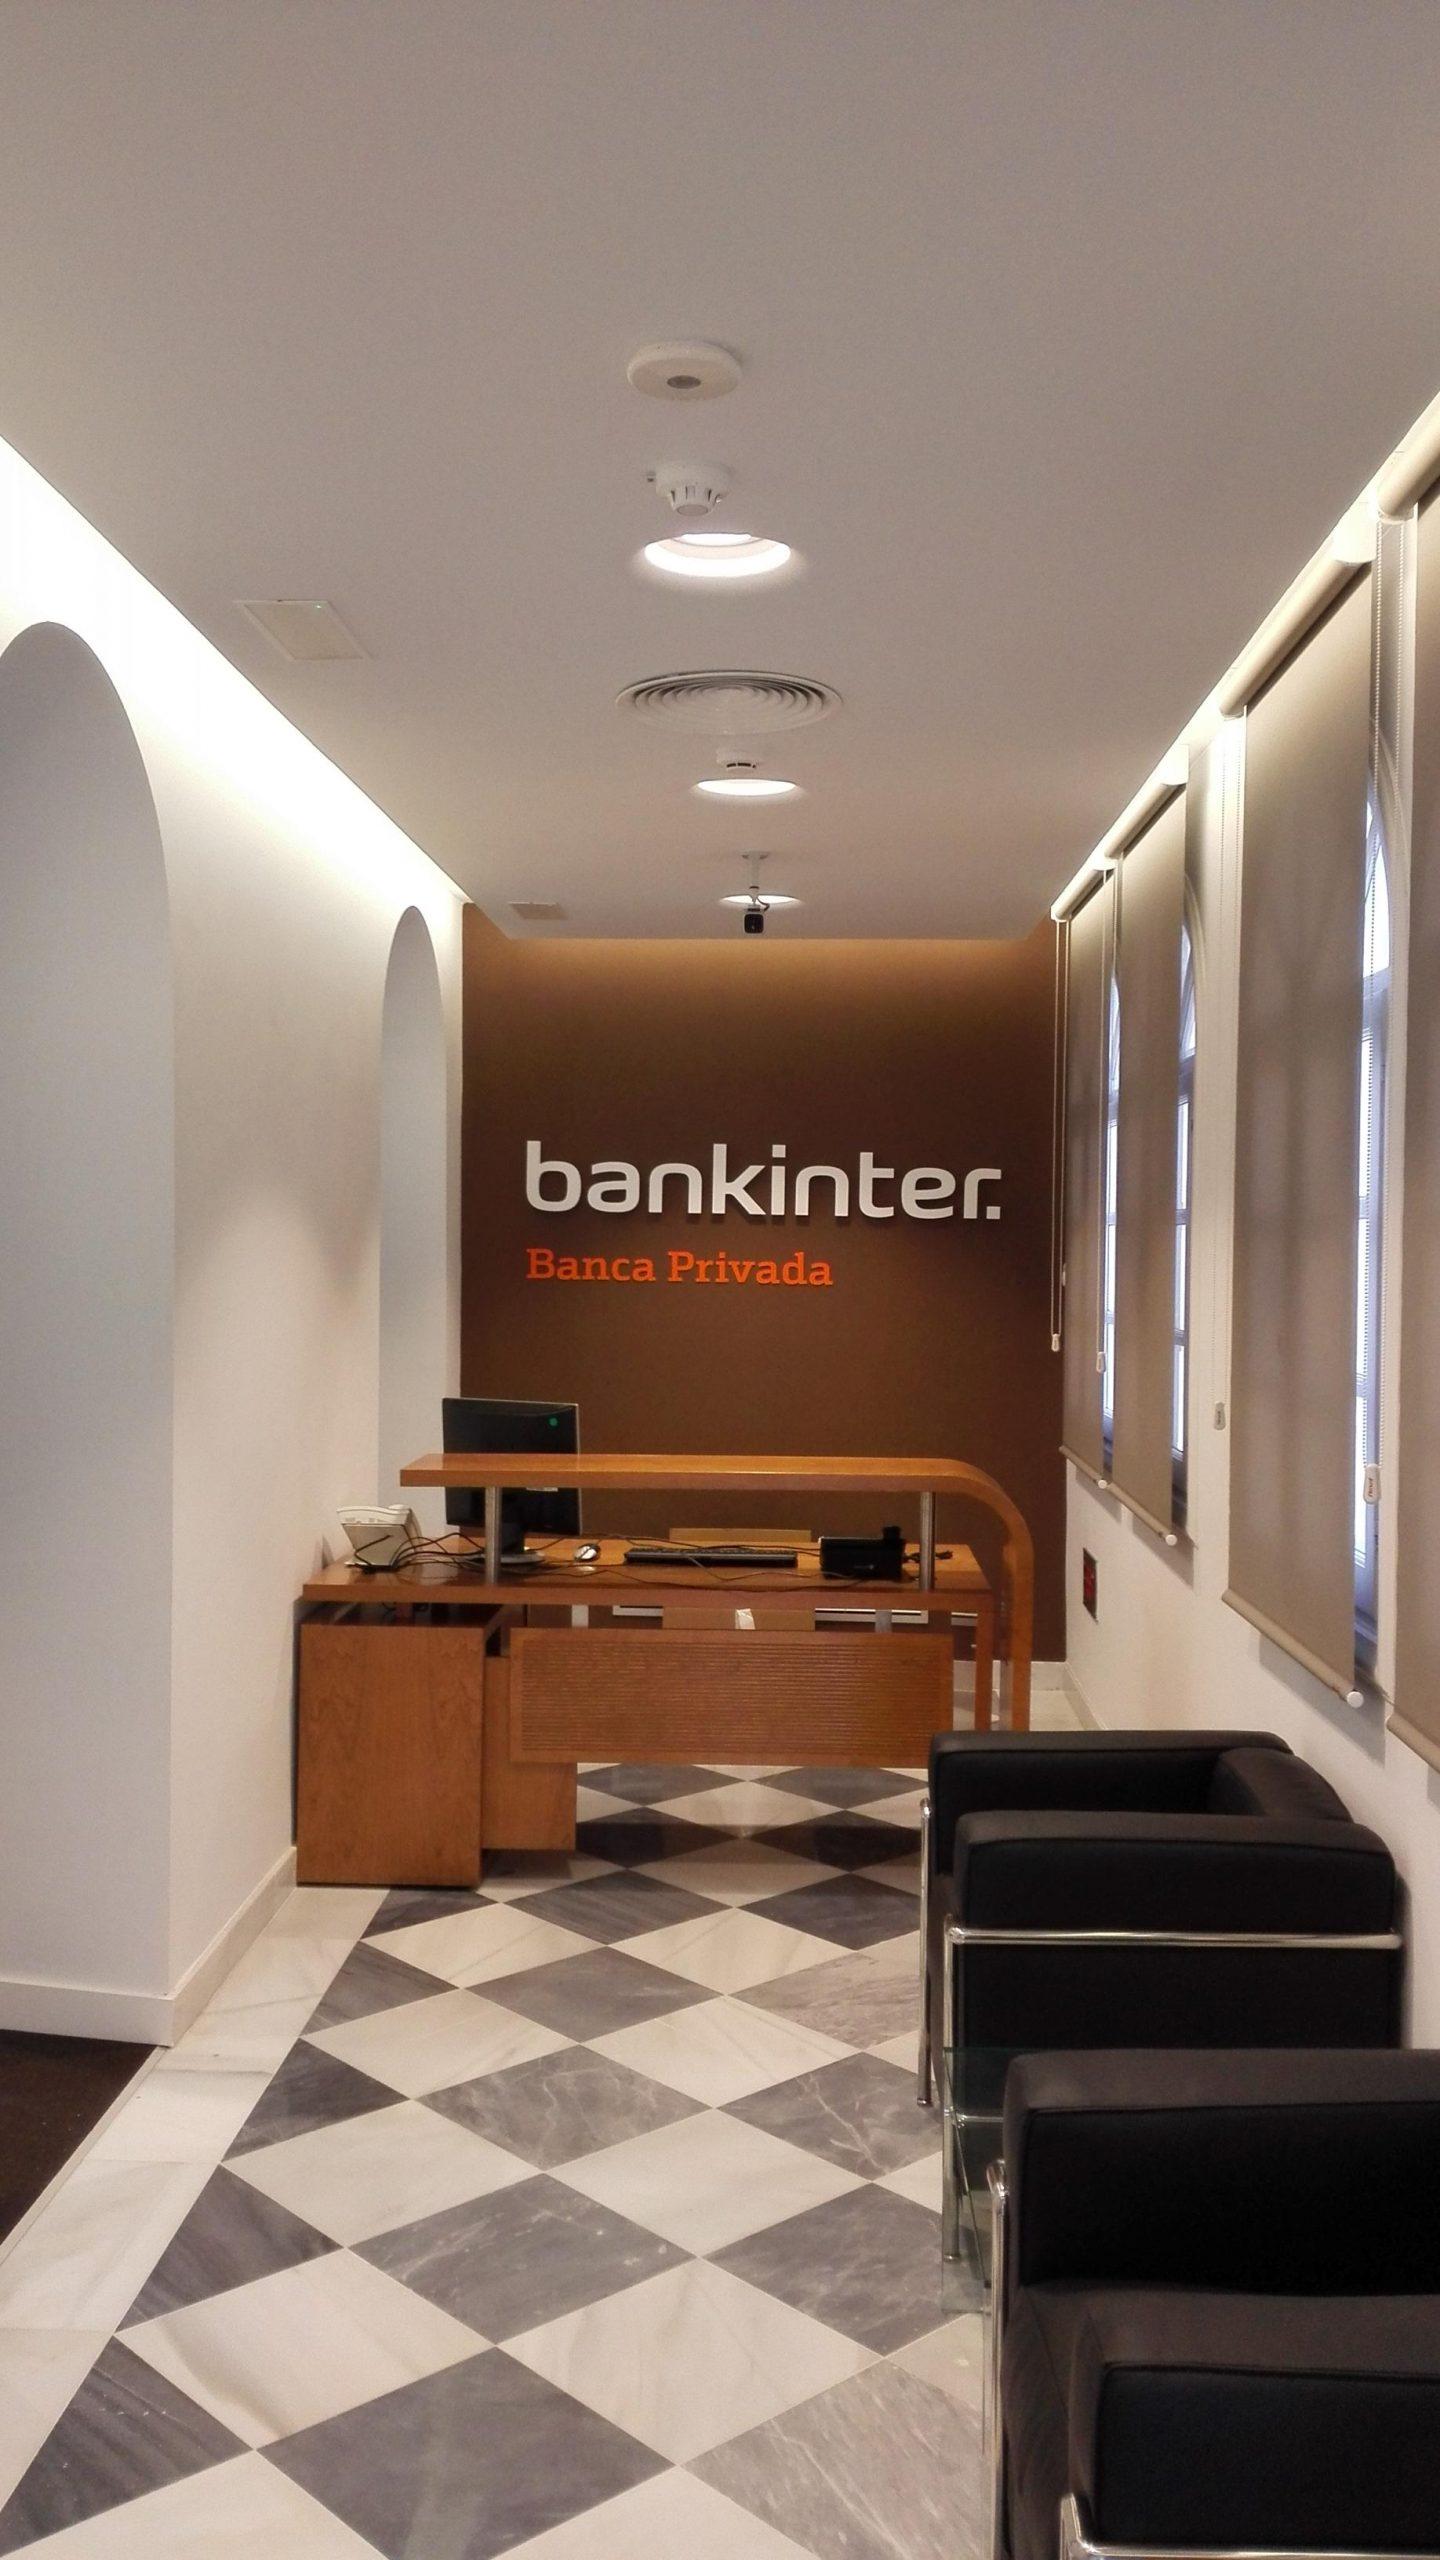 Entrada de la banca privada Bankinter en Málaga